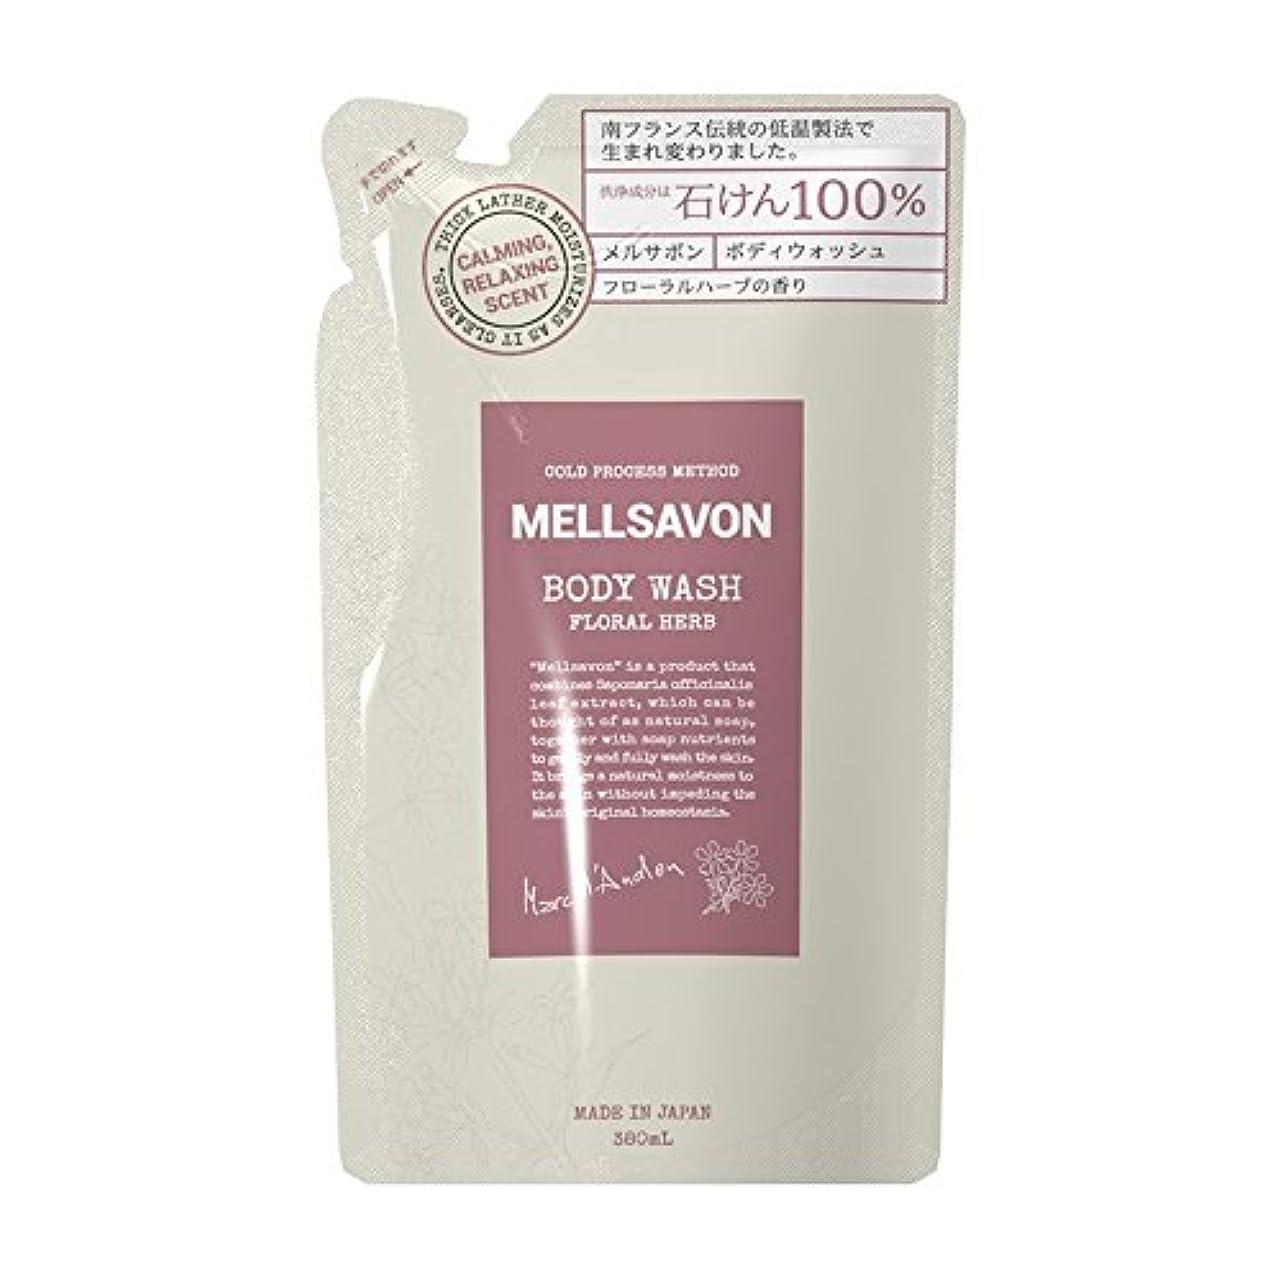 MELLSAVON(メルサボン) ボディウォッシュ フローラルハーブ 〈詰替〉 (380mL)